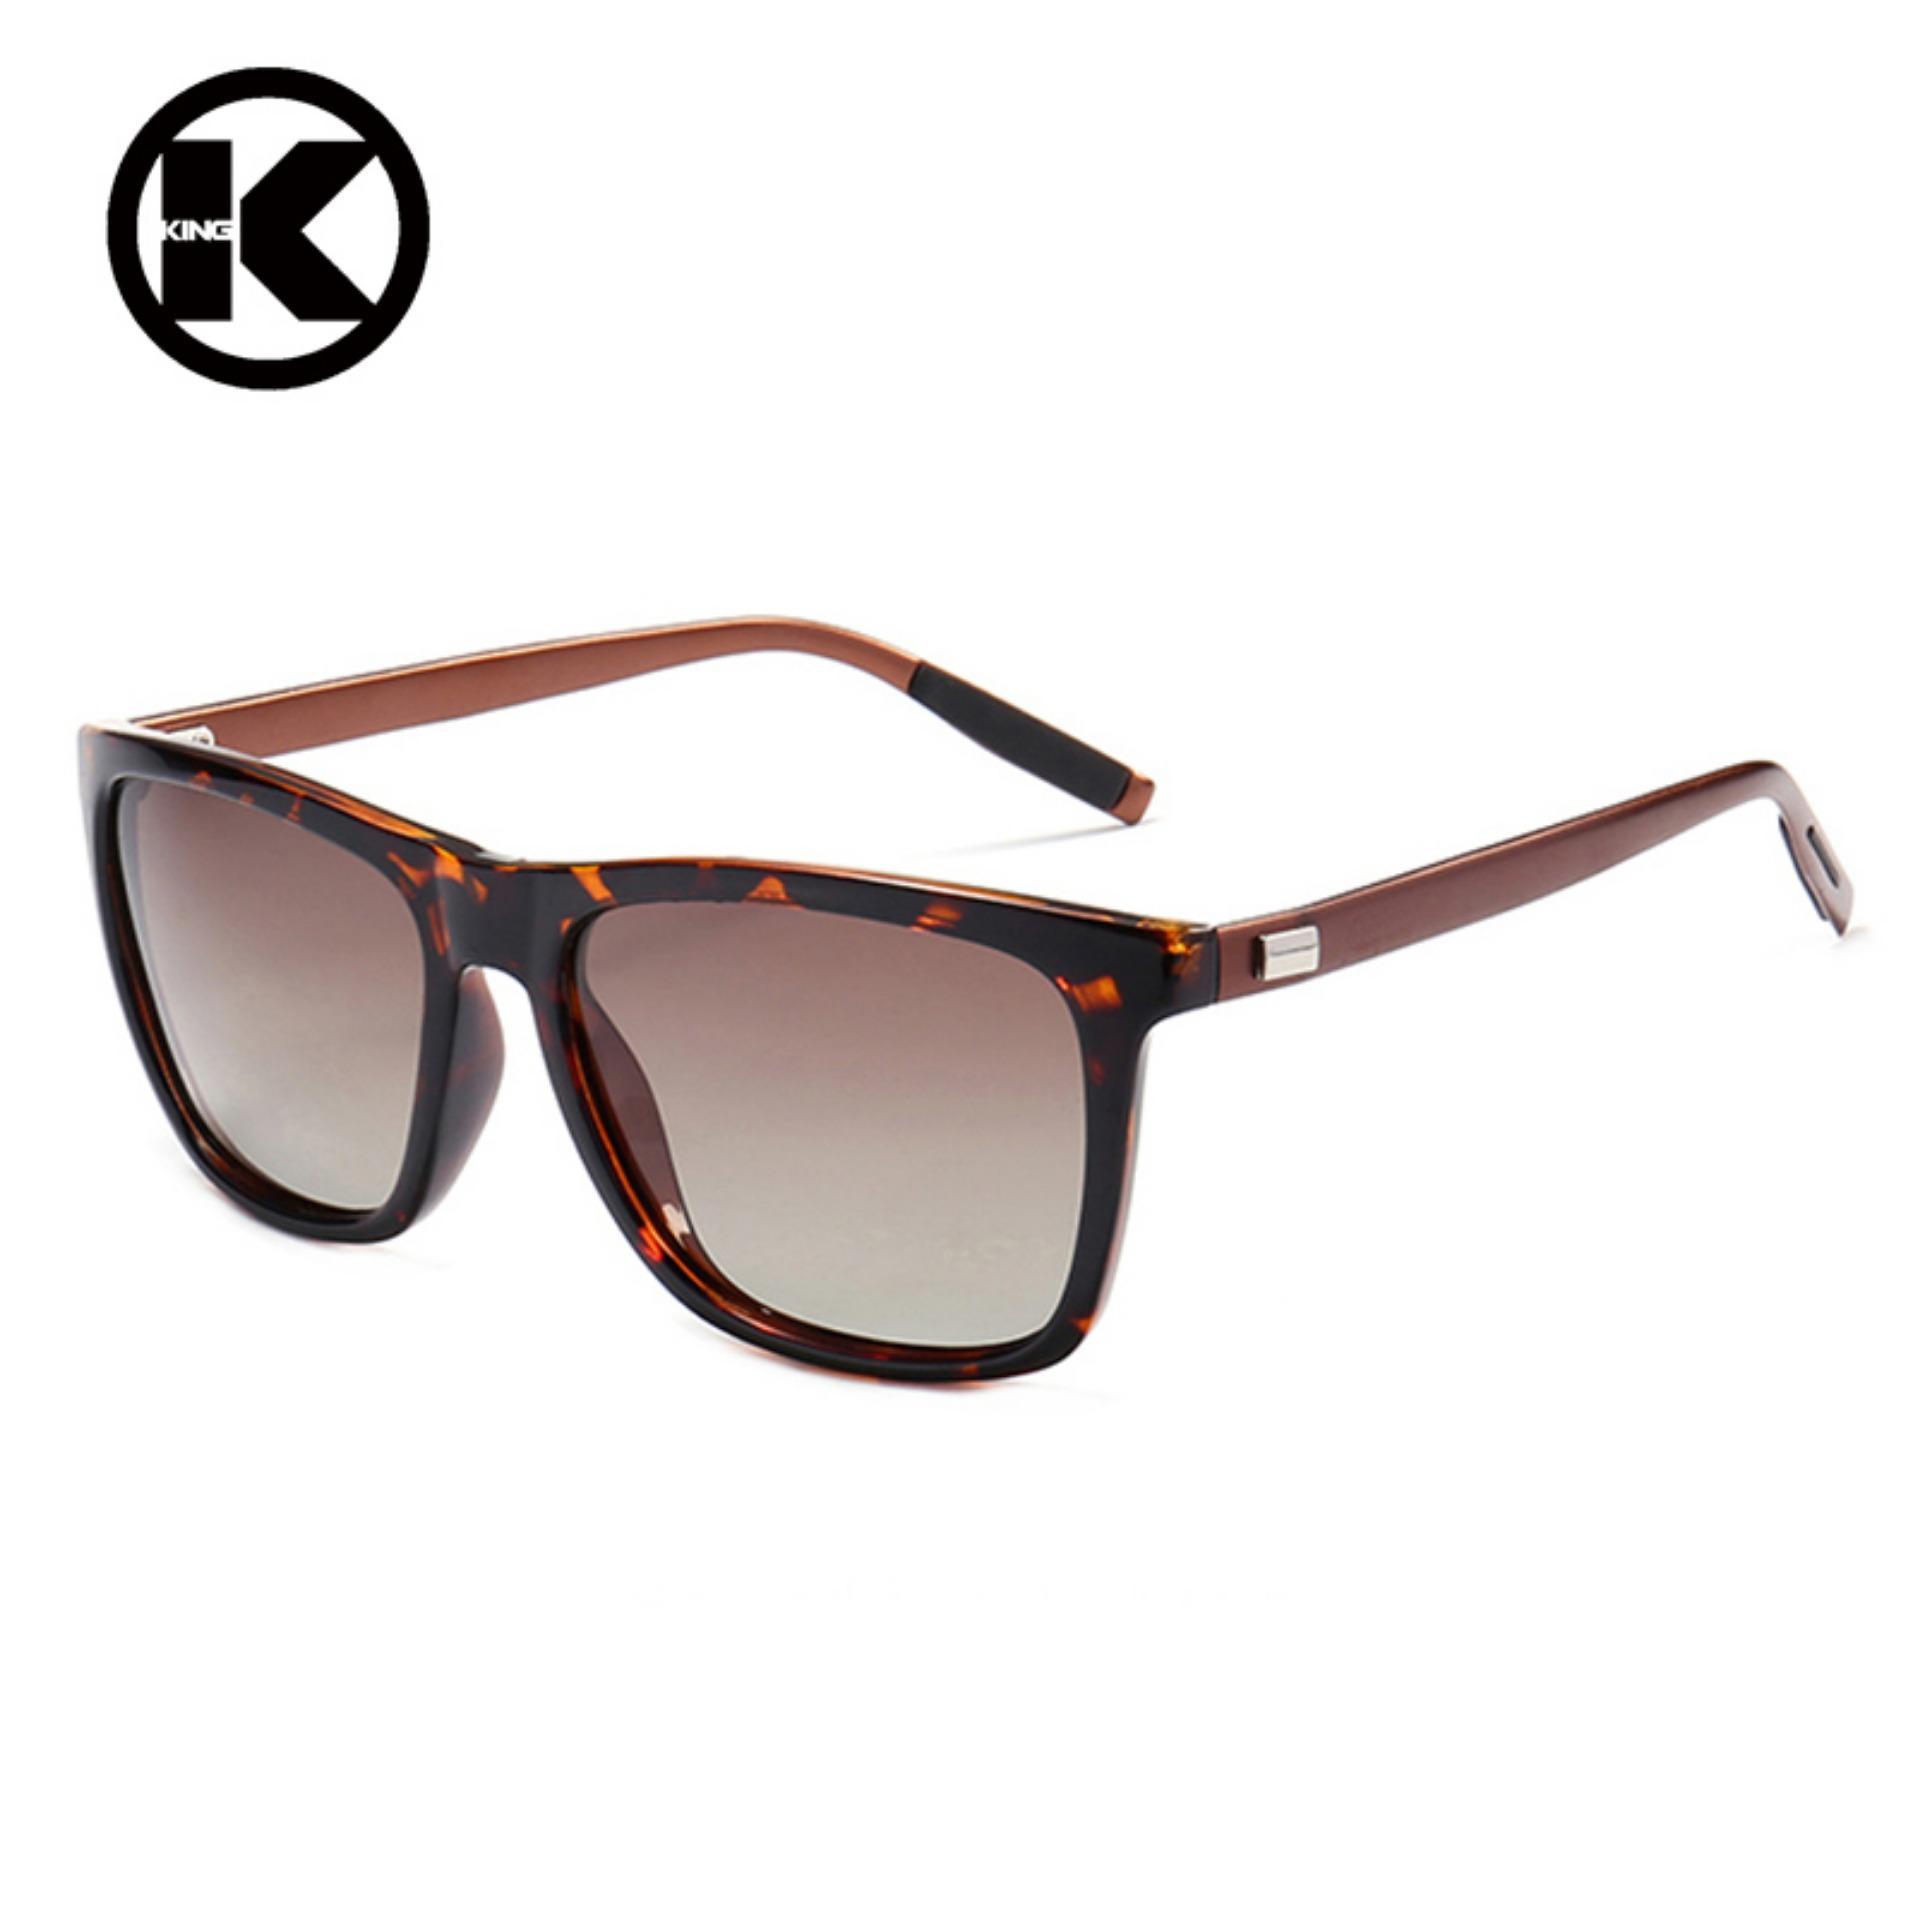 Baru Retro Kecil Kotak Sunglasses Pria dan Women Tren Sunglasses-Putih Kotak OCEAN BLUE- Aluminium + Tr90 Sunglasses Pria Terpolarisasi Merek Desain Poin ...